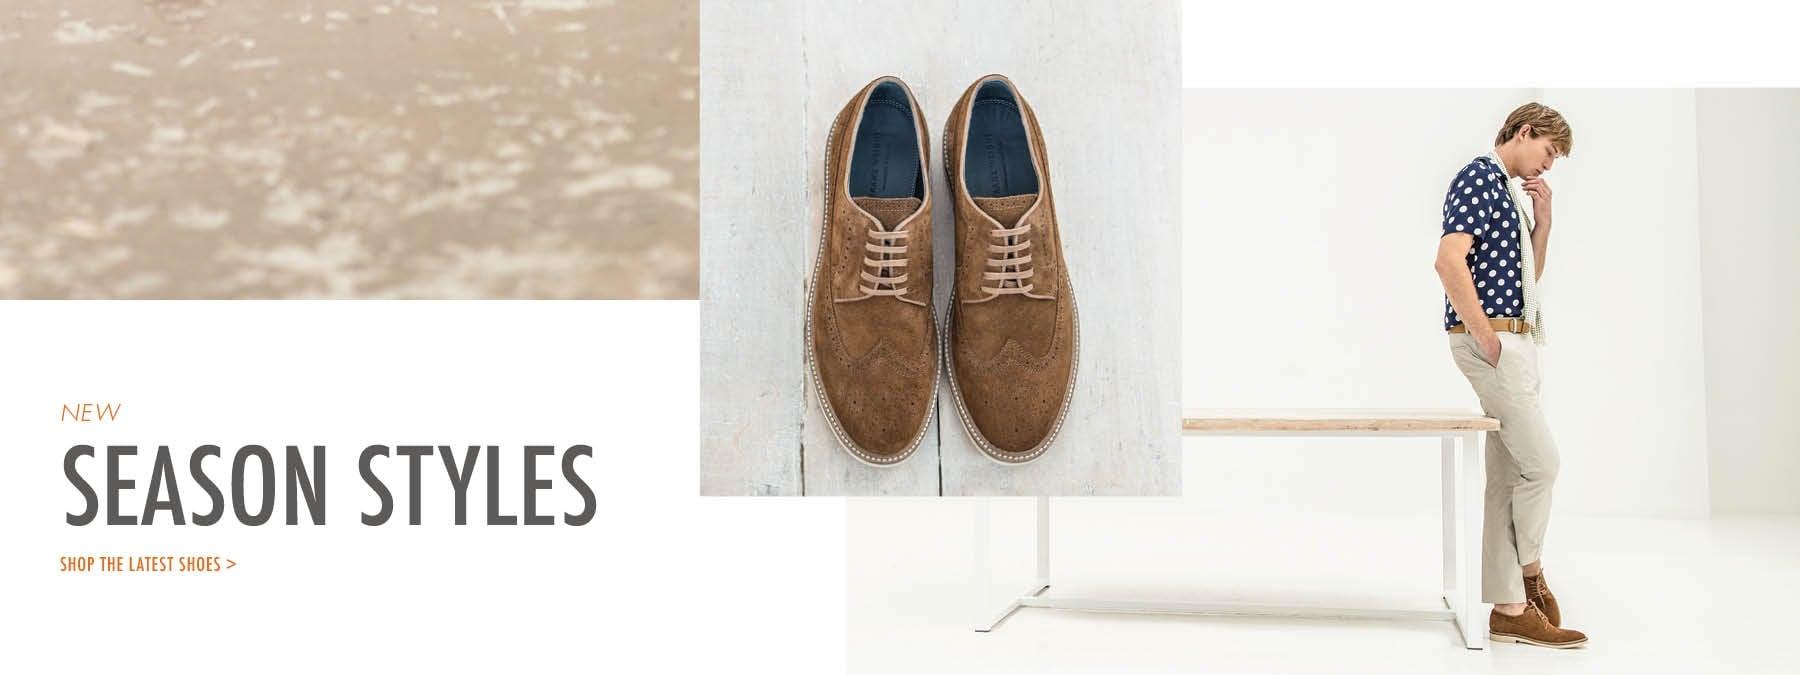 New Season Shoes - Summer